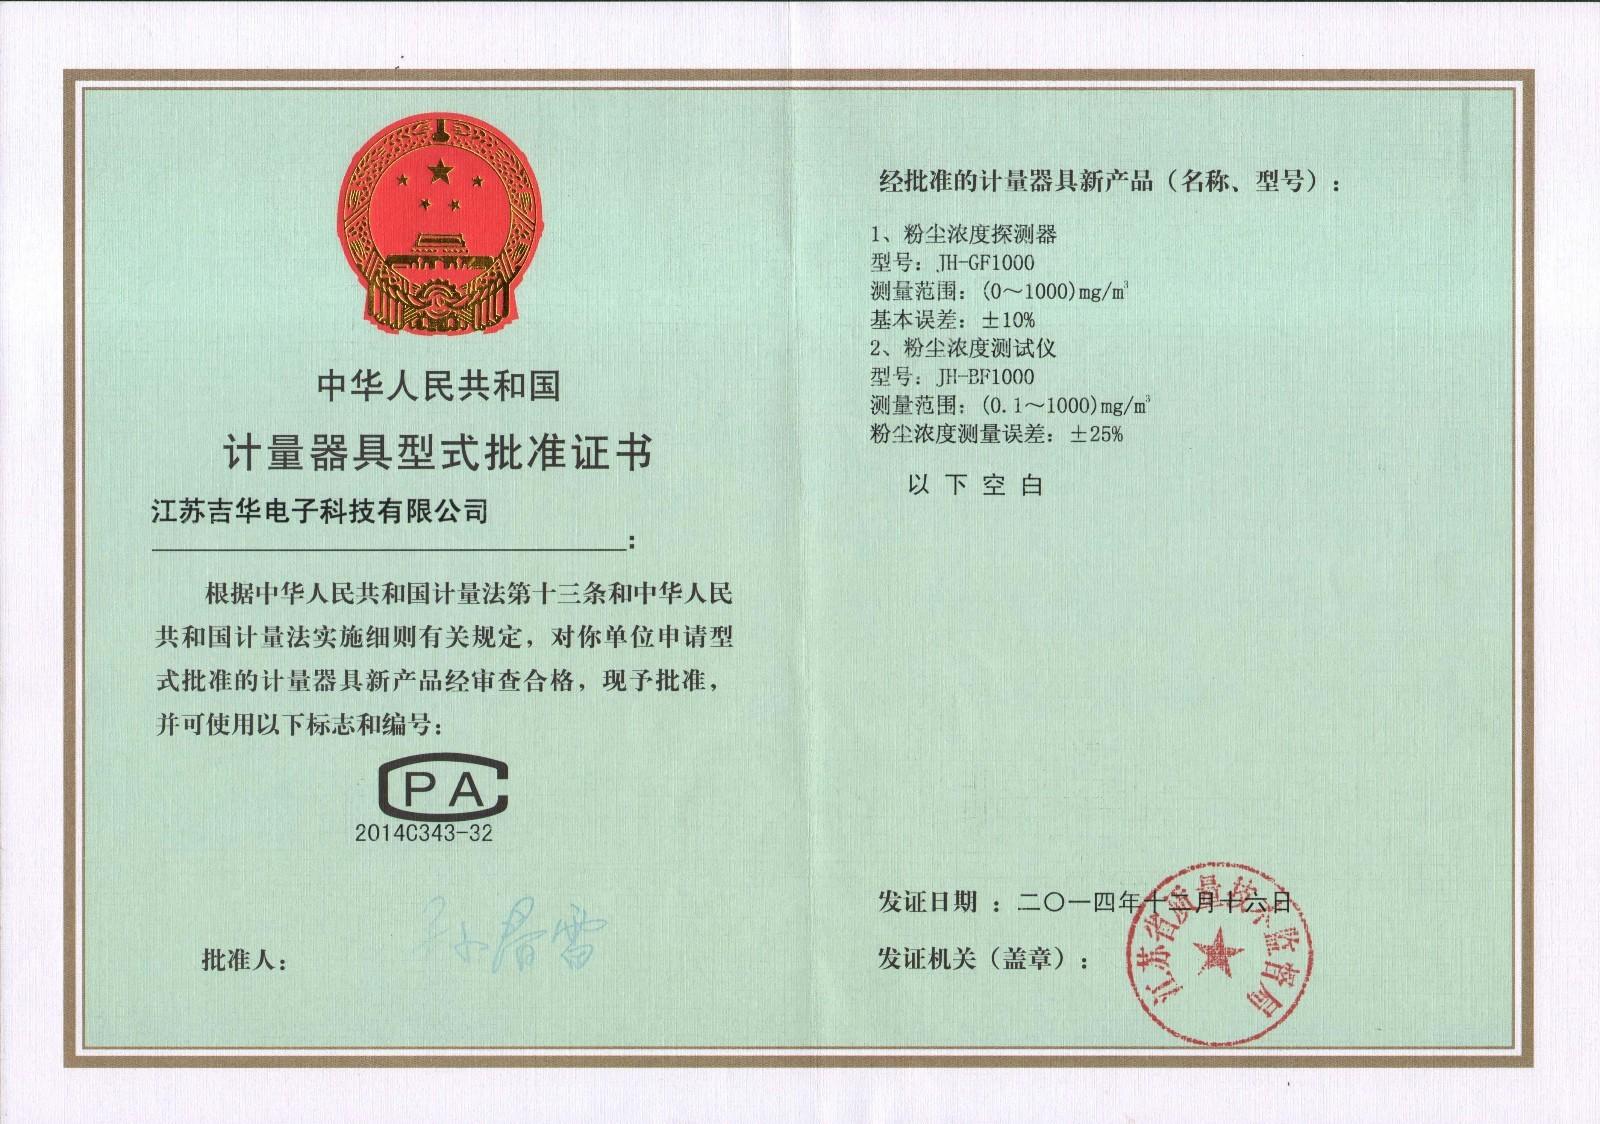 粉尘生产许可证